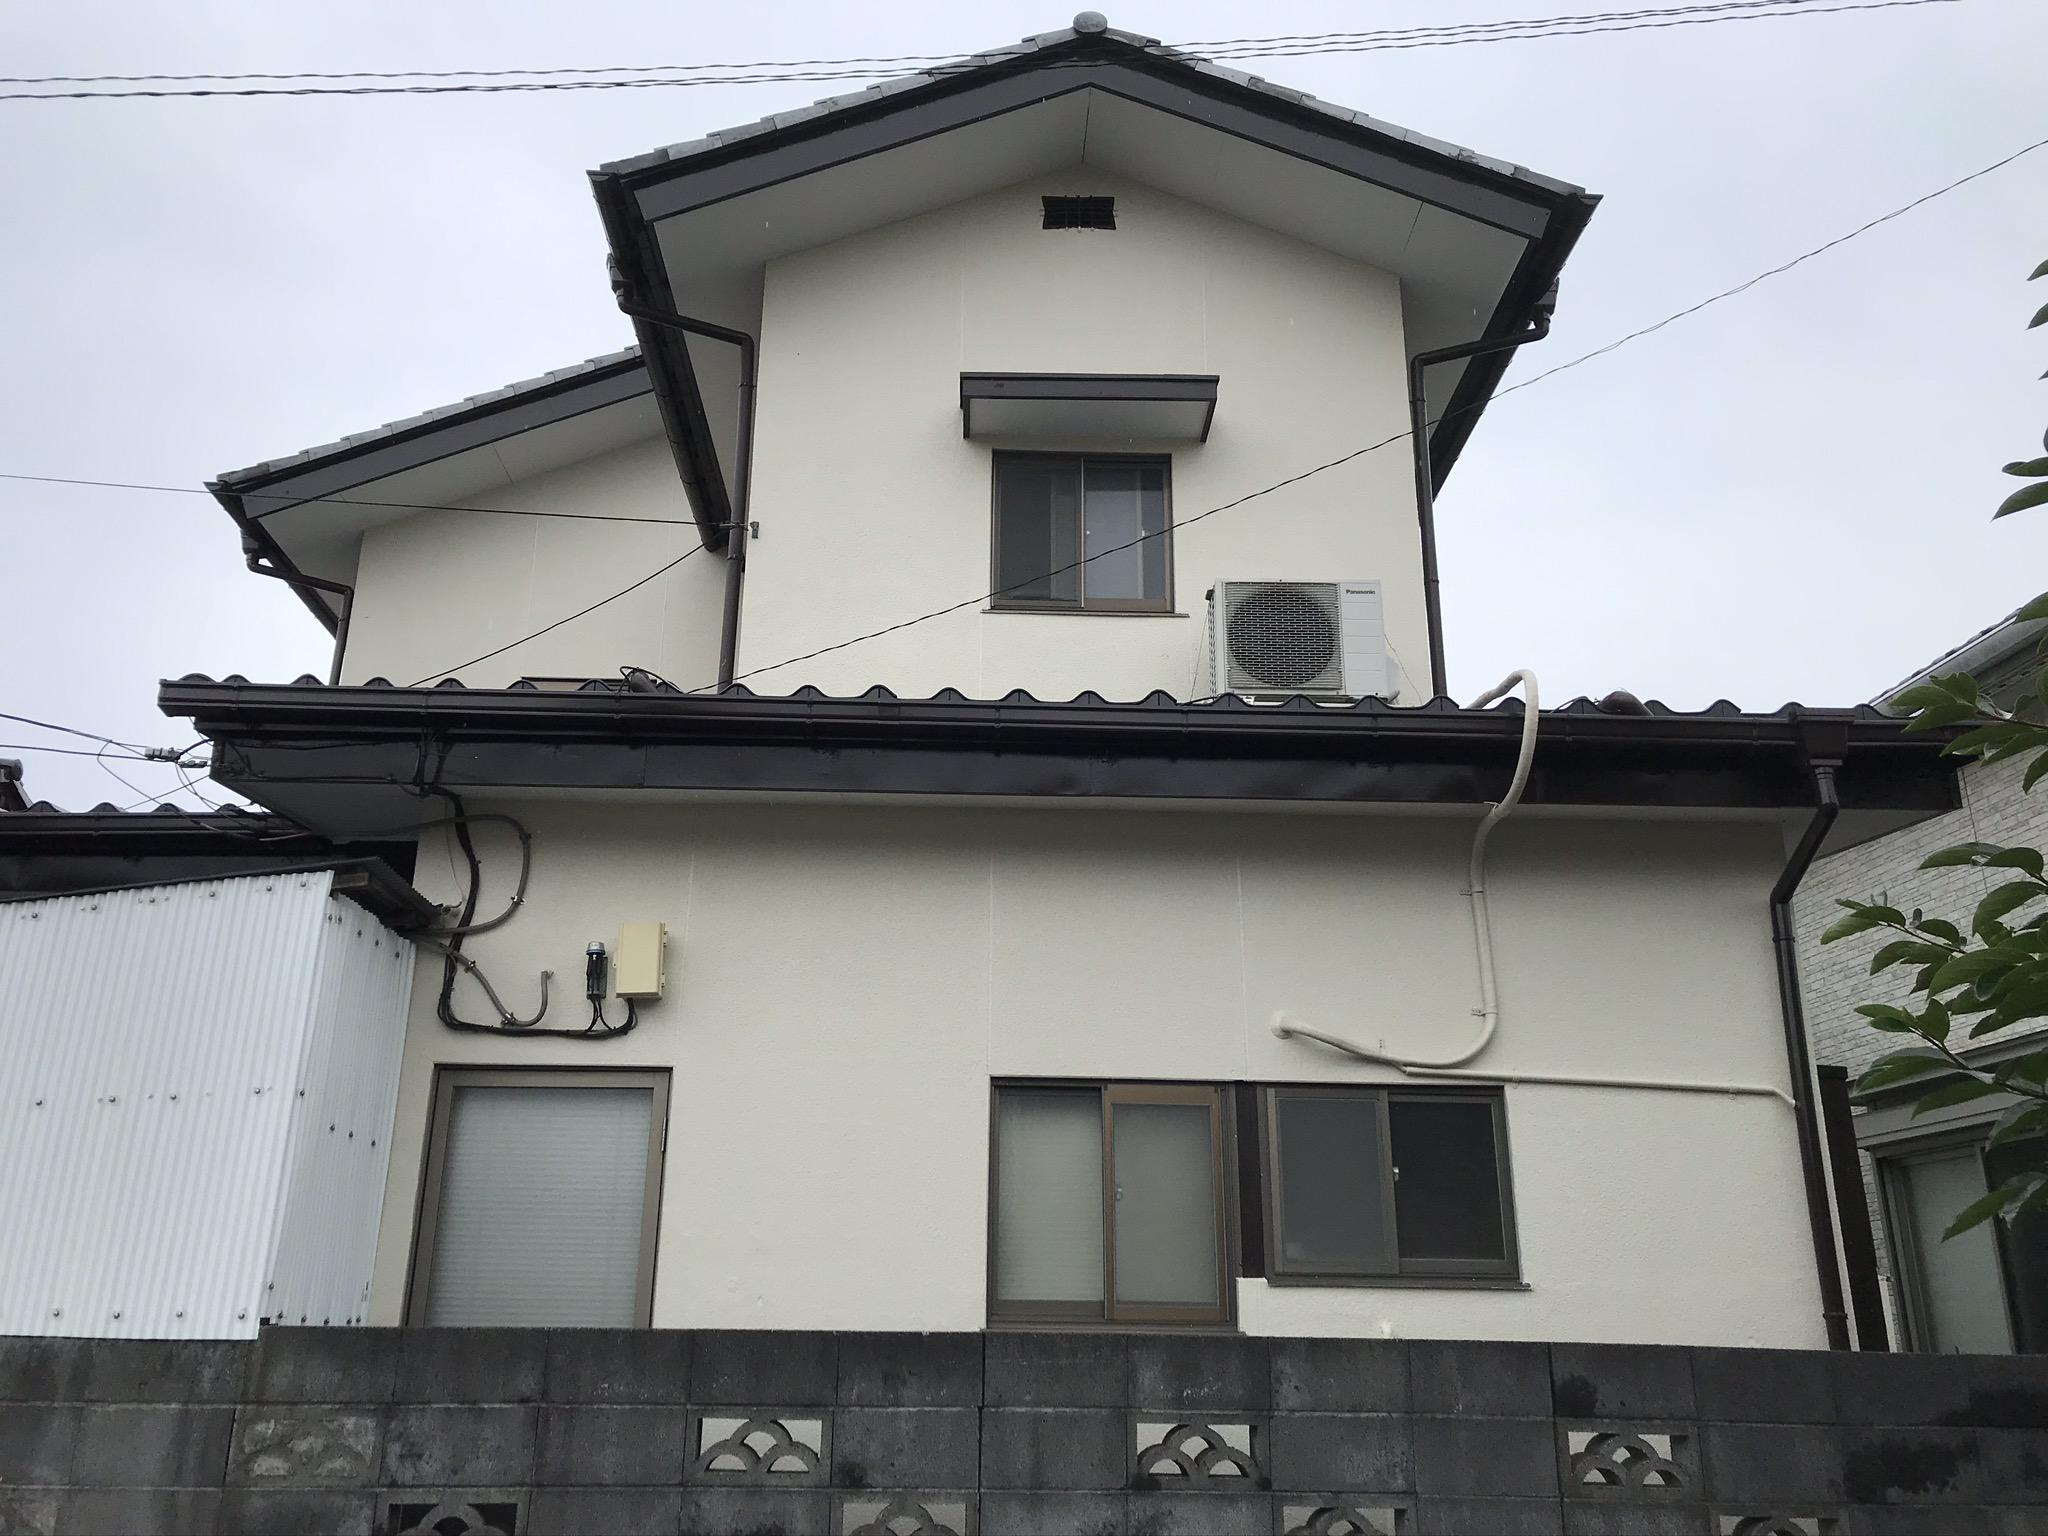 上尾市のM様邸外壁塗装後の写真